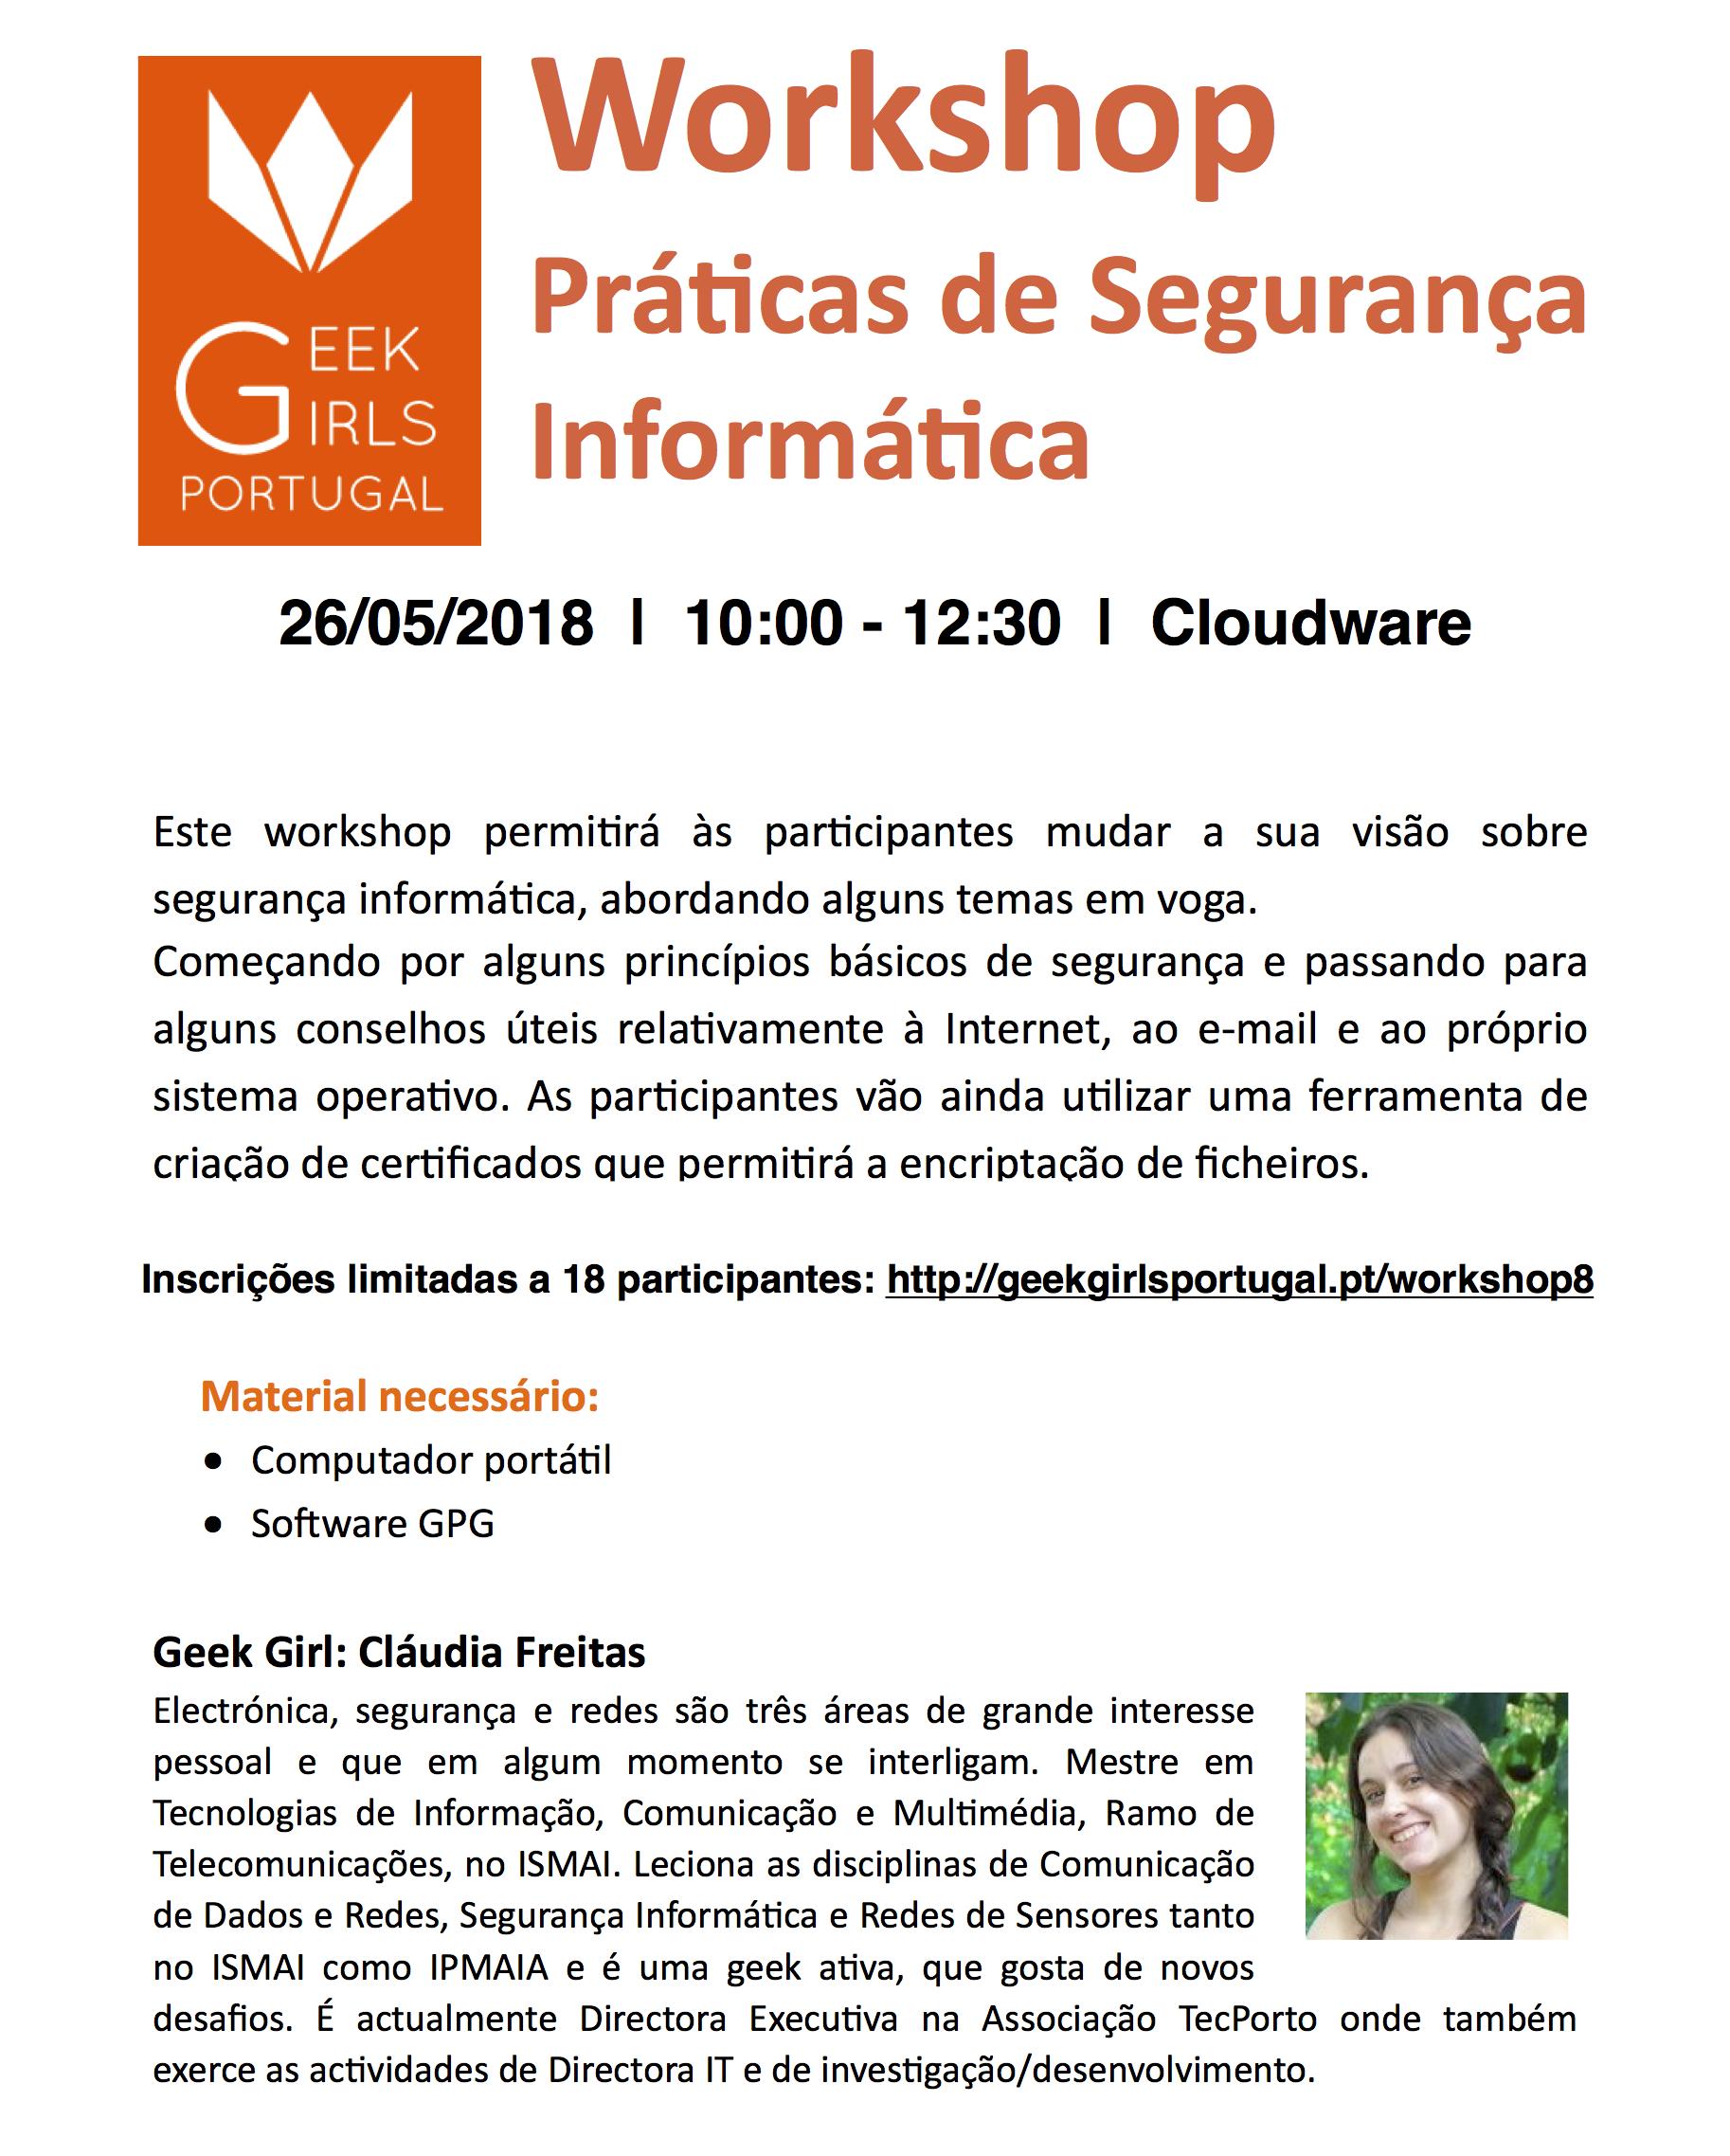 Workshop Práticas Segurança Informática @ Porto